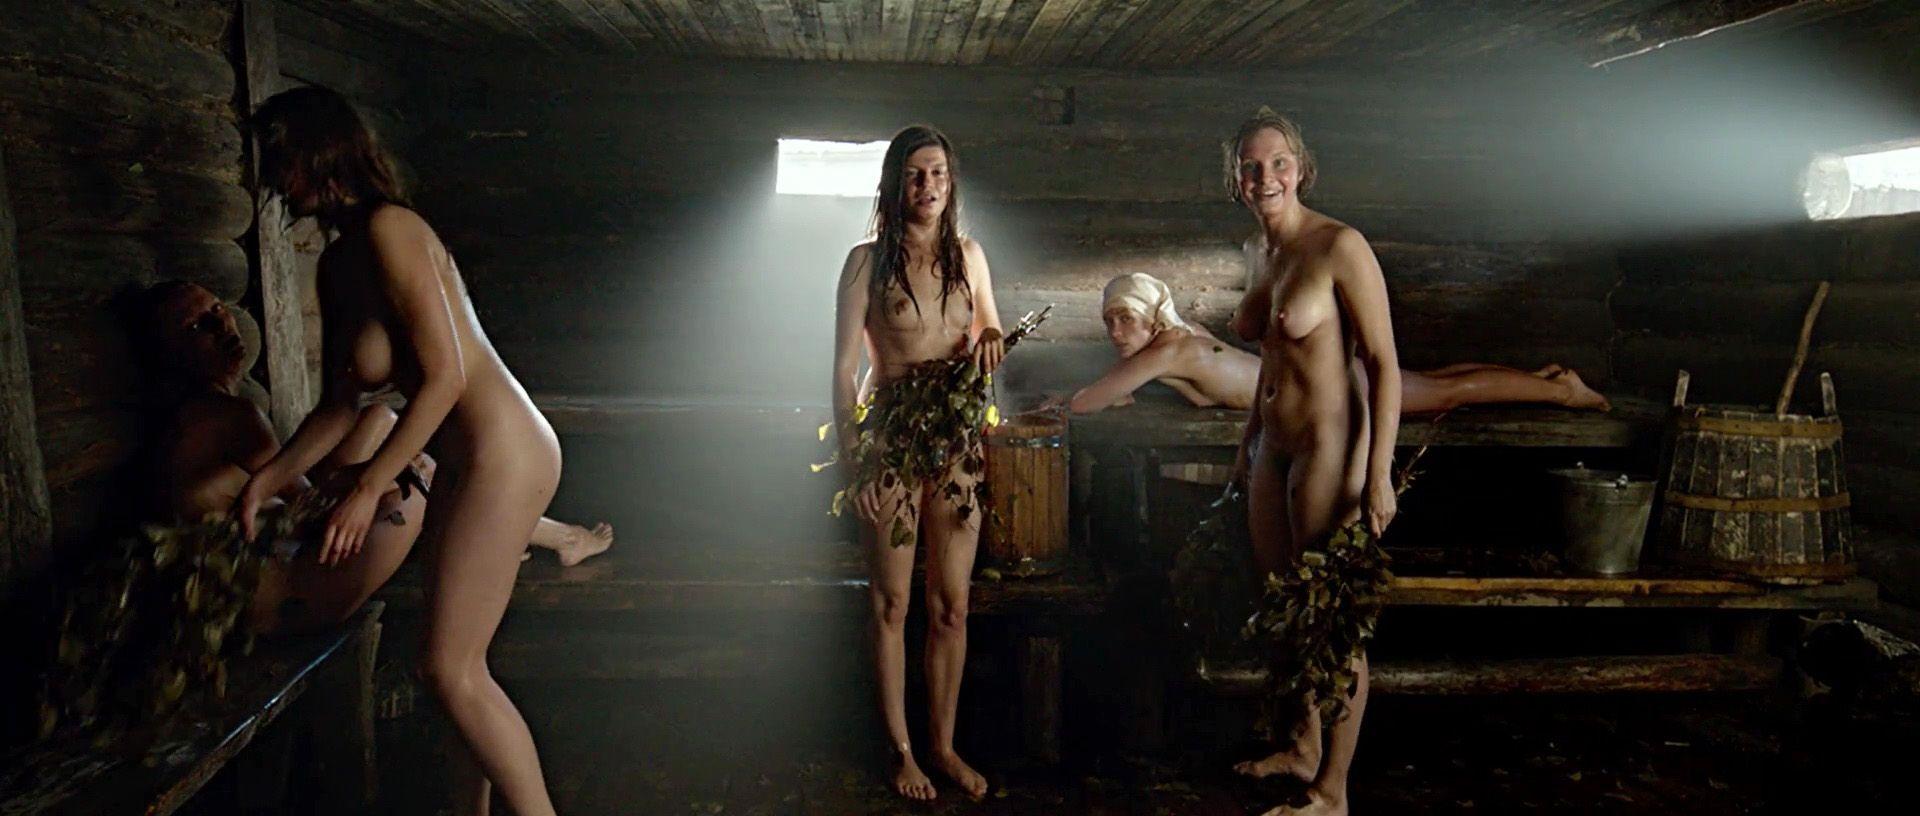 порно хентай эро видео артистов кино наше ателье